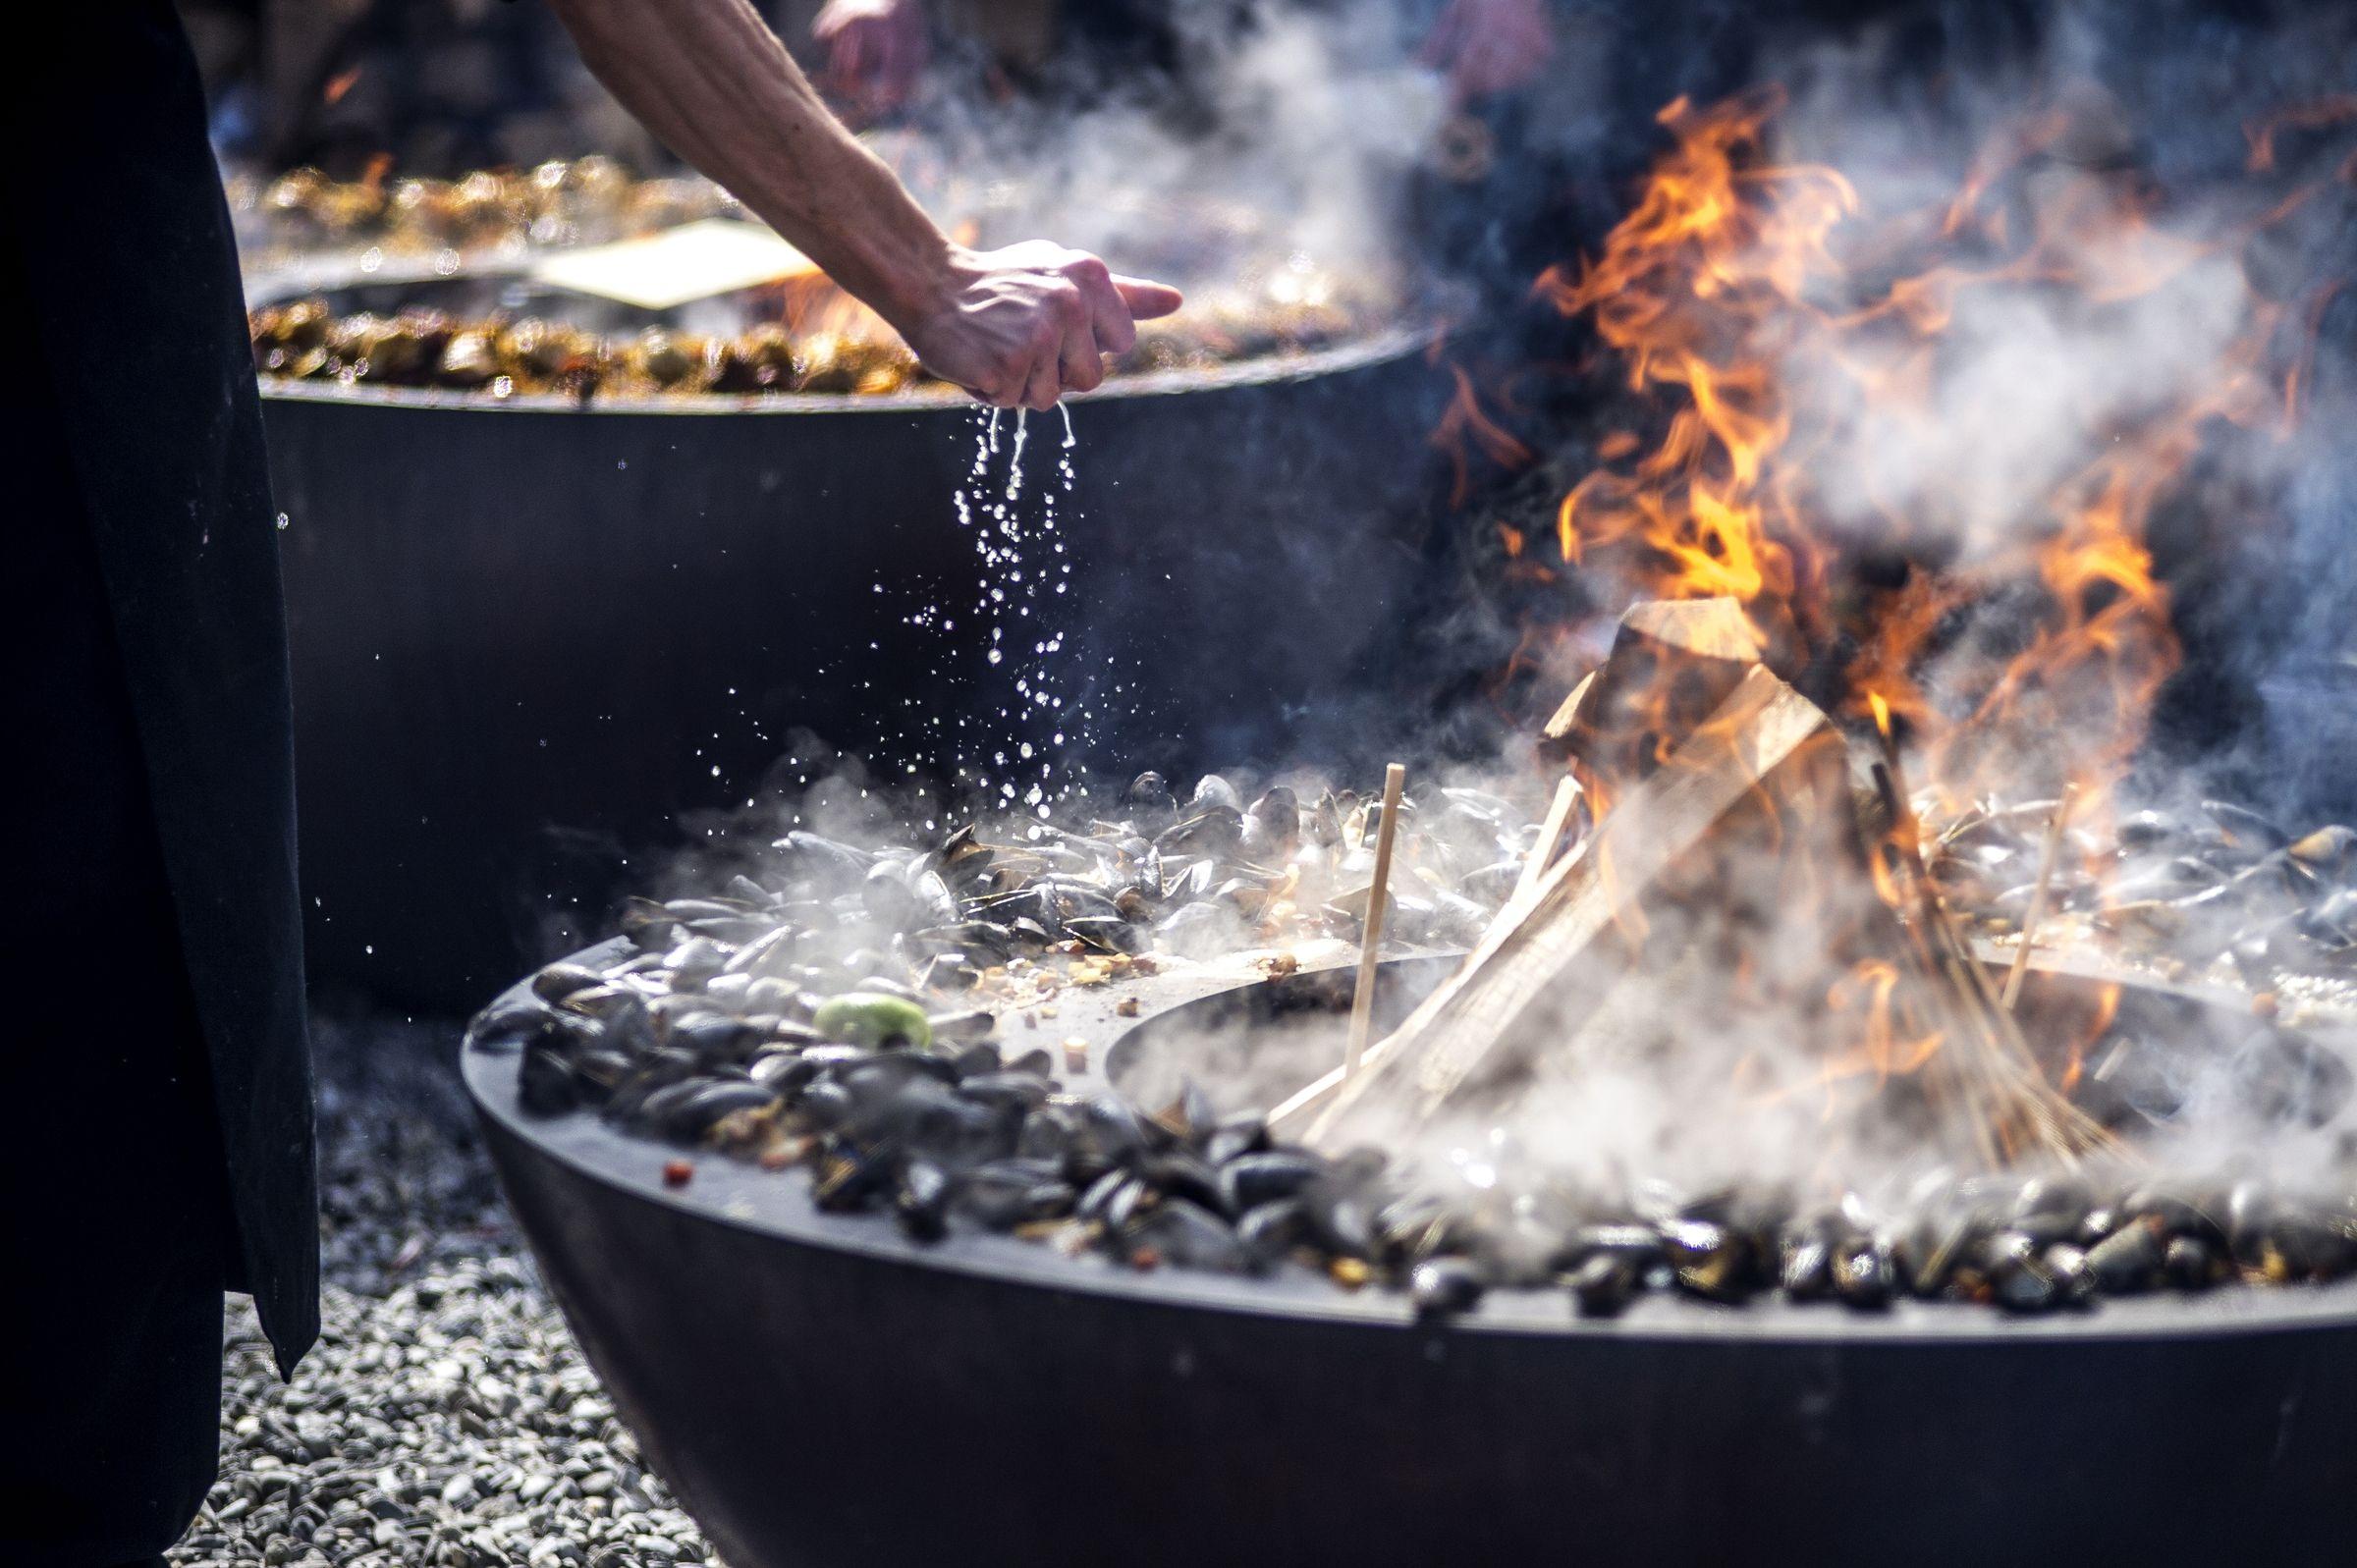 Schön Feuerring Das Original, Feuerring, BBQ, Grillen, Lagerfeuer, Party,  Grillrezepte, Gartendeko, Outdoor, Barbecue